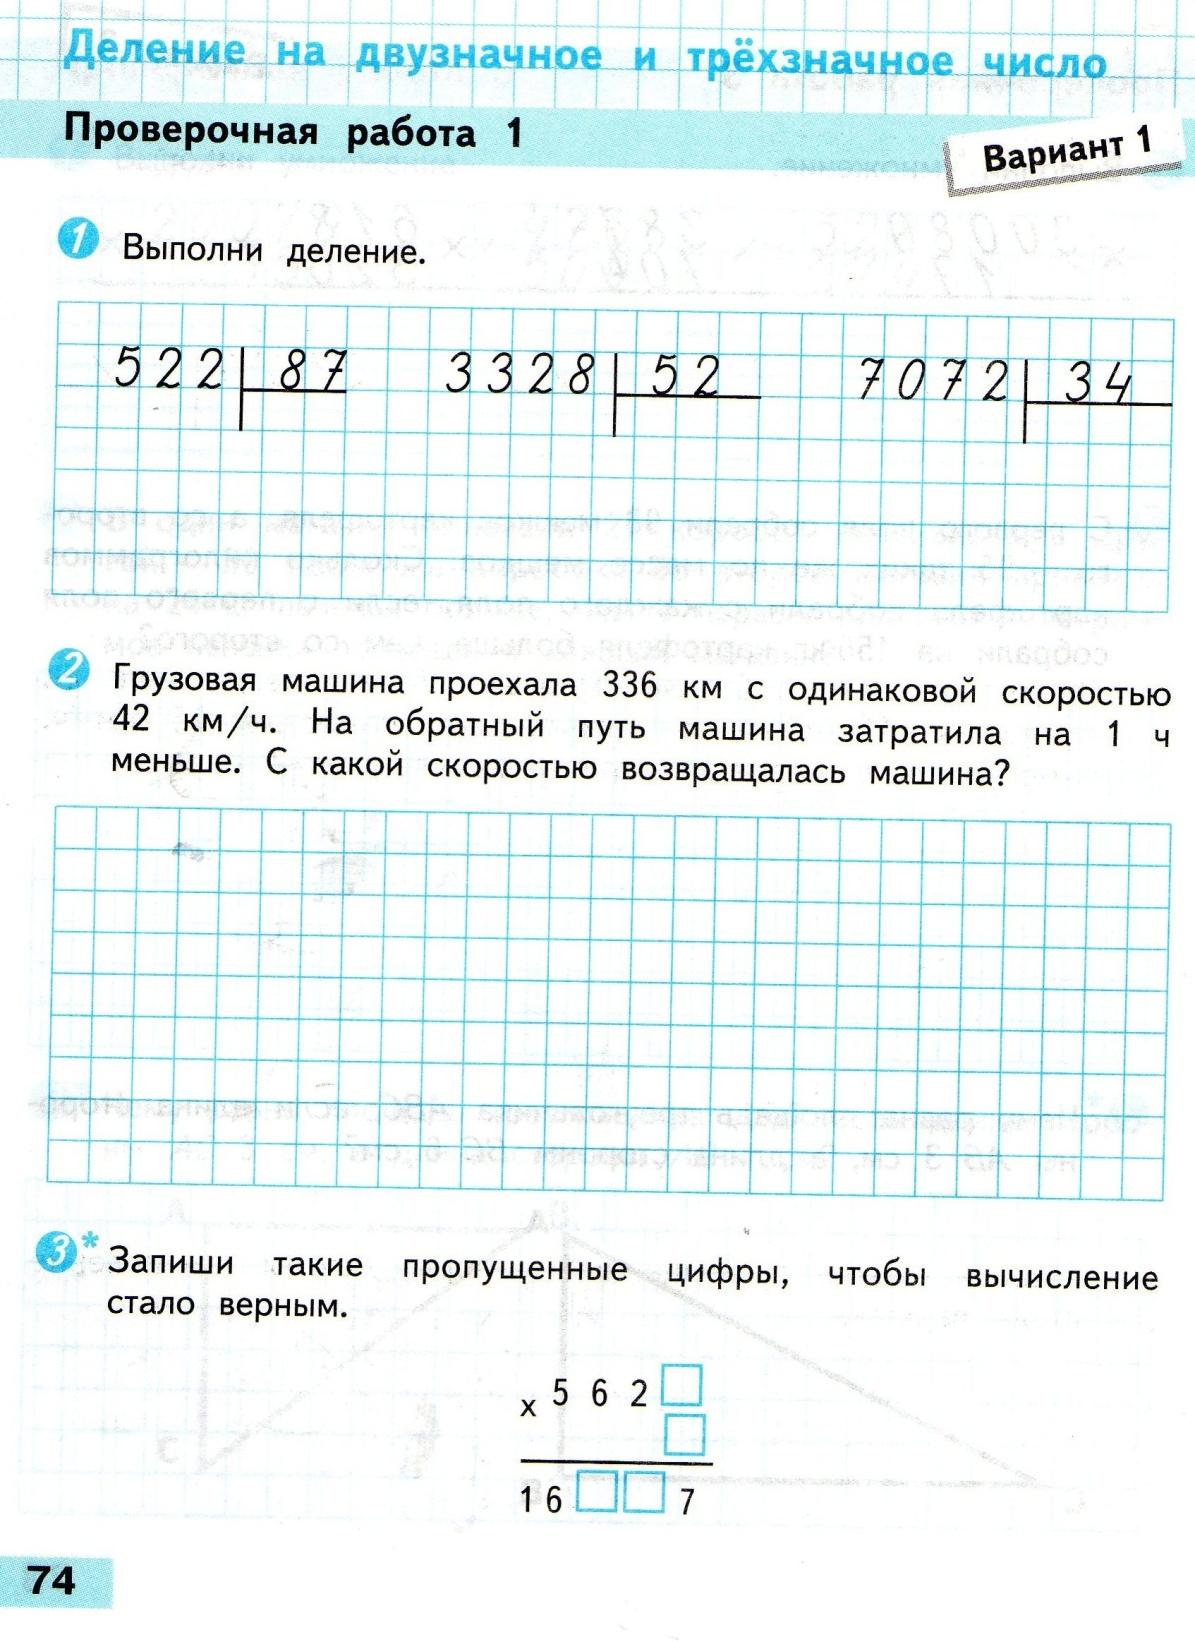 C:\Documents and Settings\Admin\Мои документы\Мои рисунки\1573.jpg